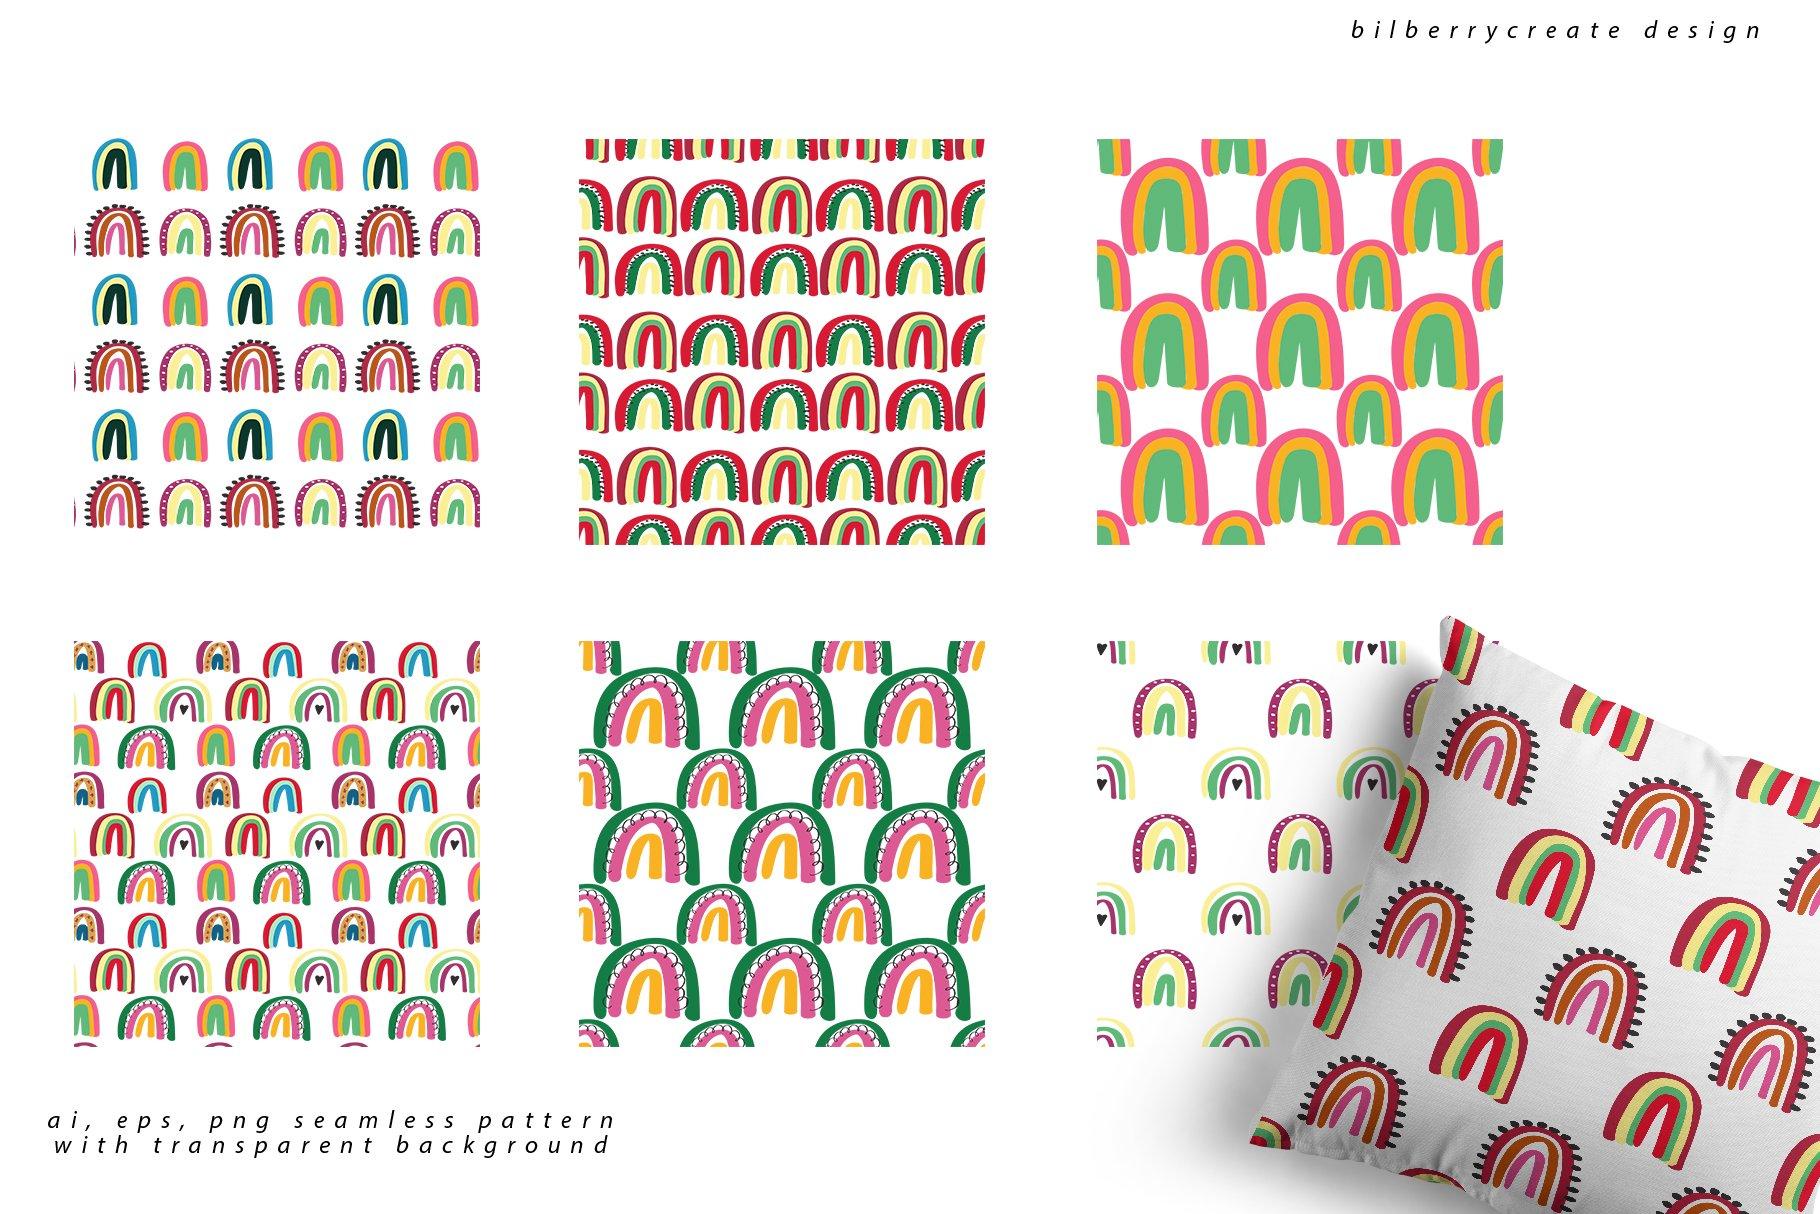 现代卡通抽象花卉彩虹元素矢量插图 Playful Naive Art Abstract插图(8)